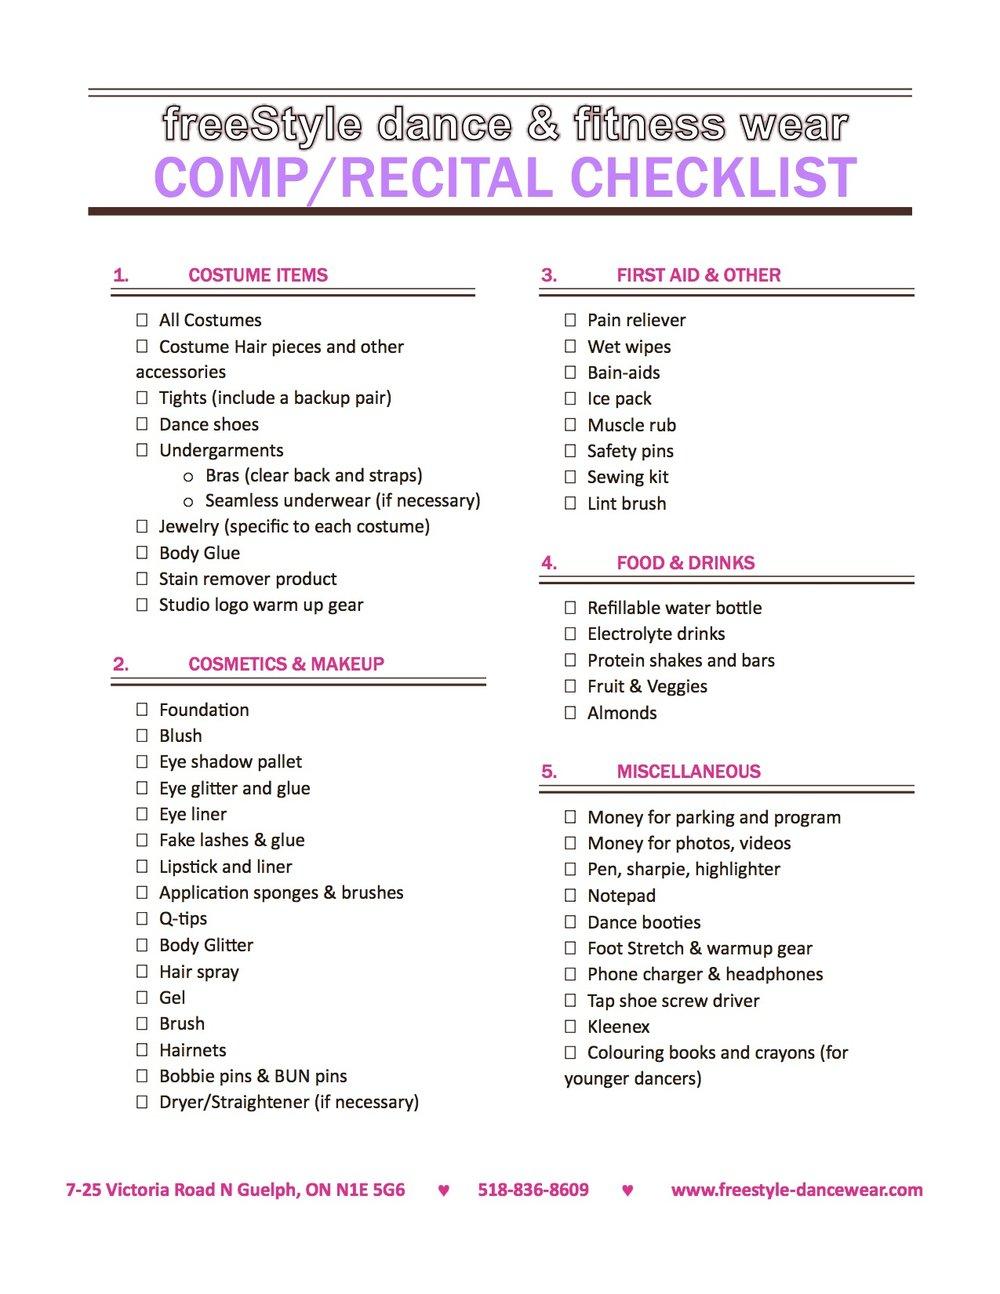 Recital Checklist.jpg